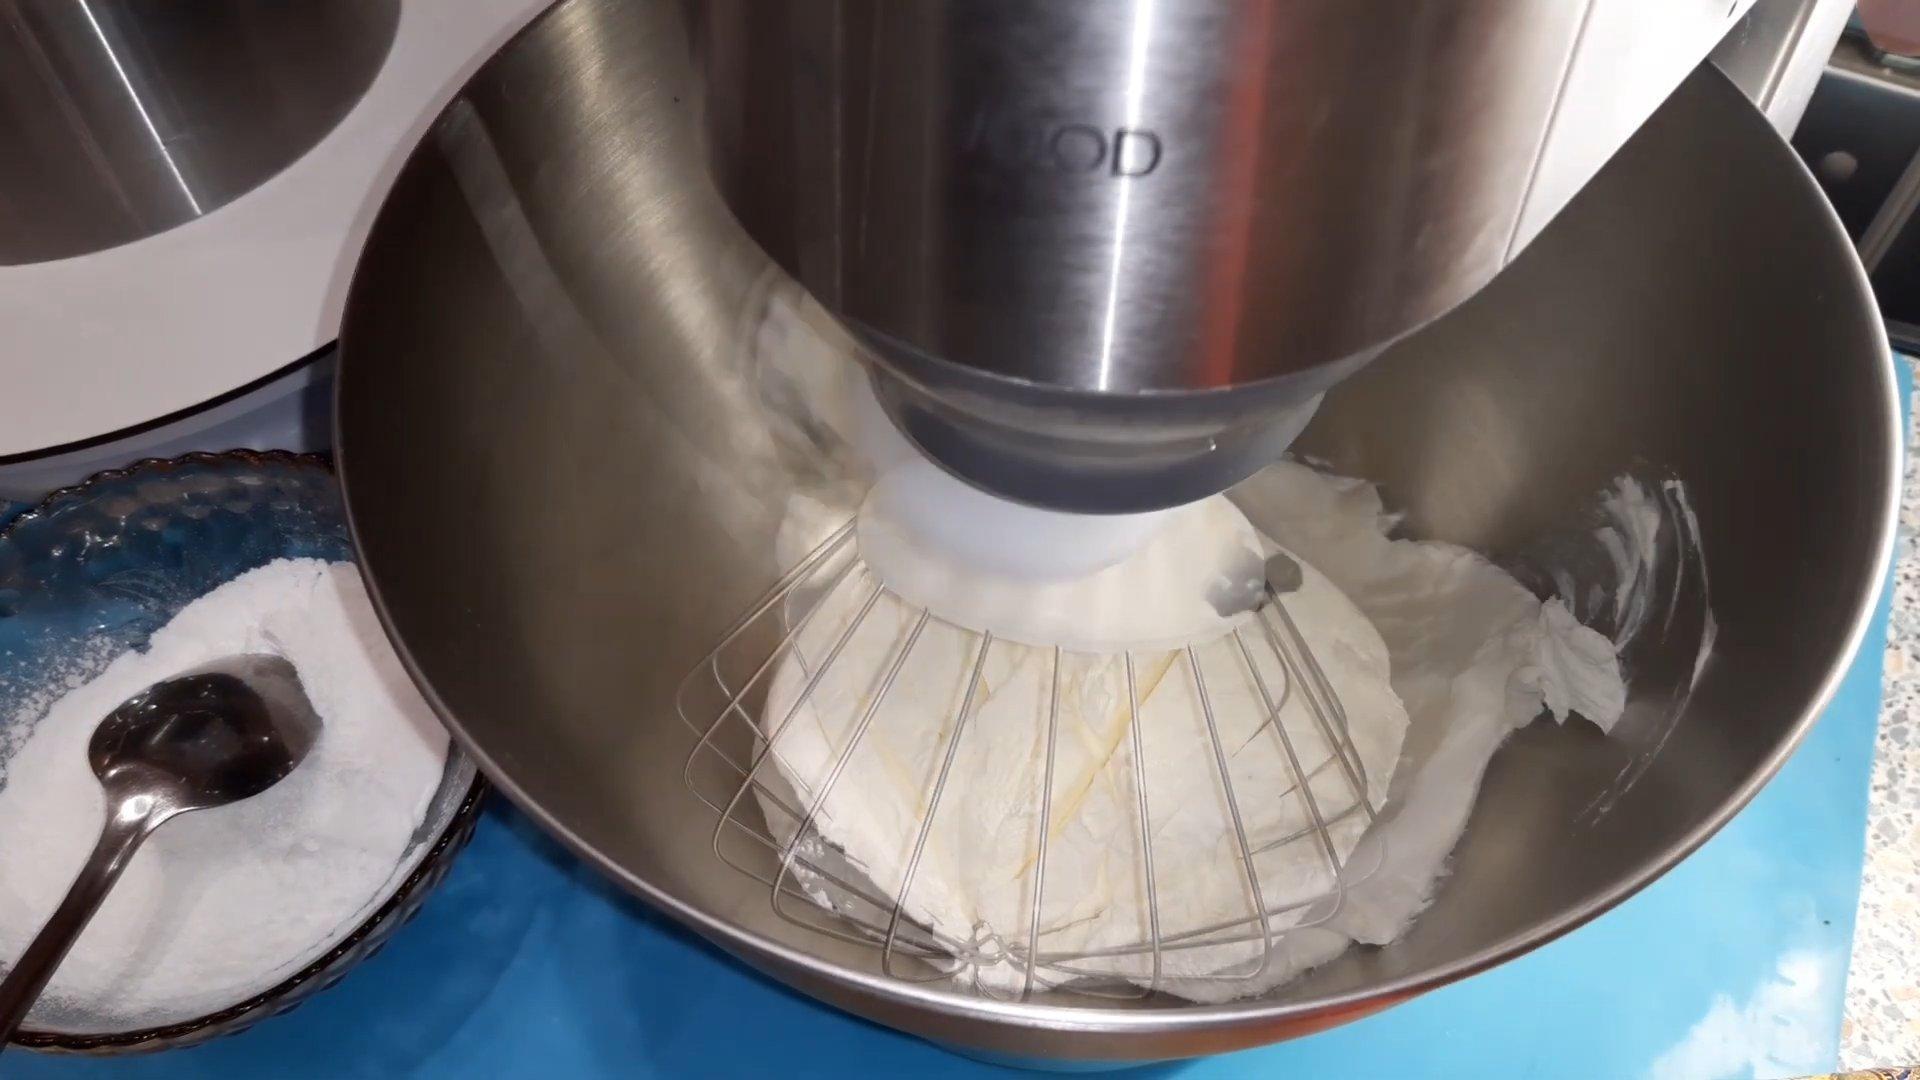 Рецепт - Сметанный крем с желатином - шаг 5.1